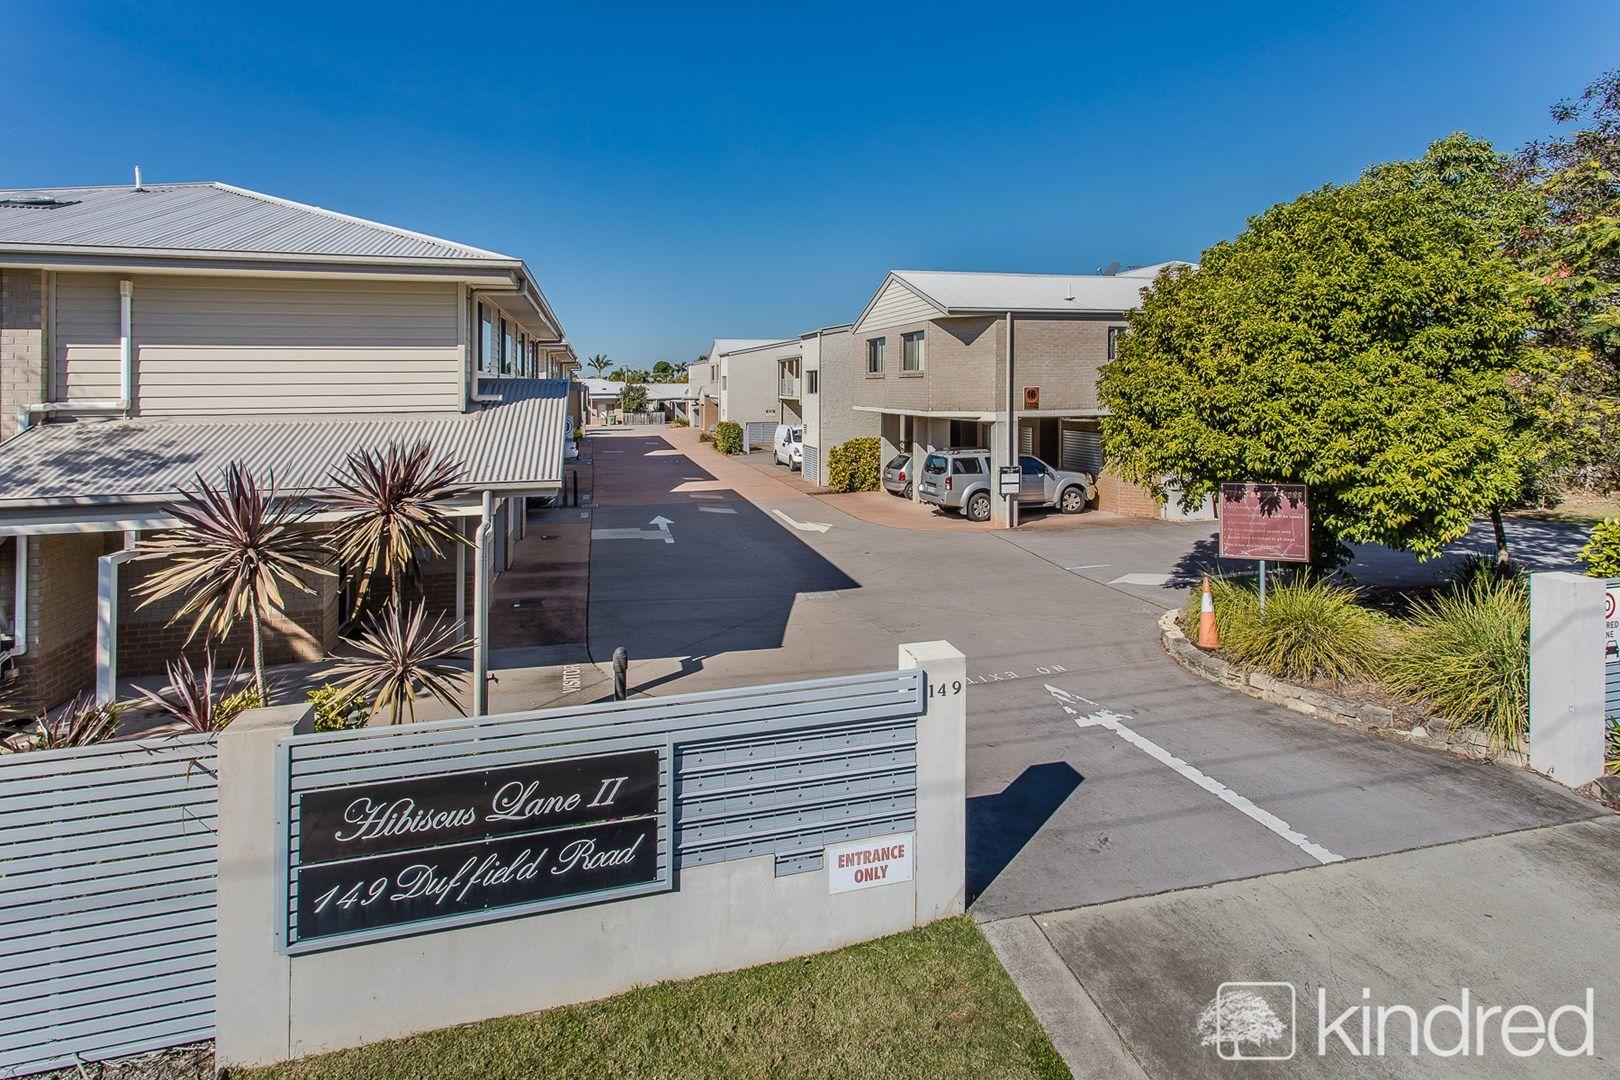 3/149 Duffield Road, Kallangur QLD 4503, Image 2